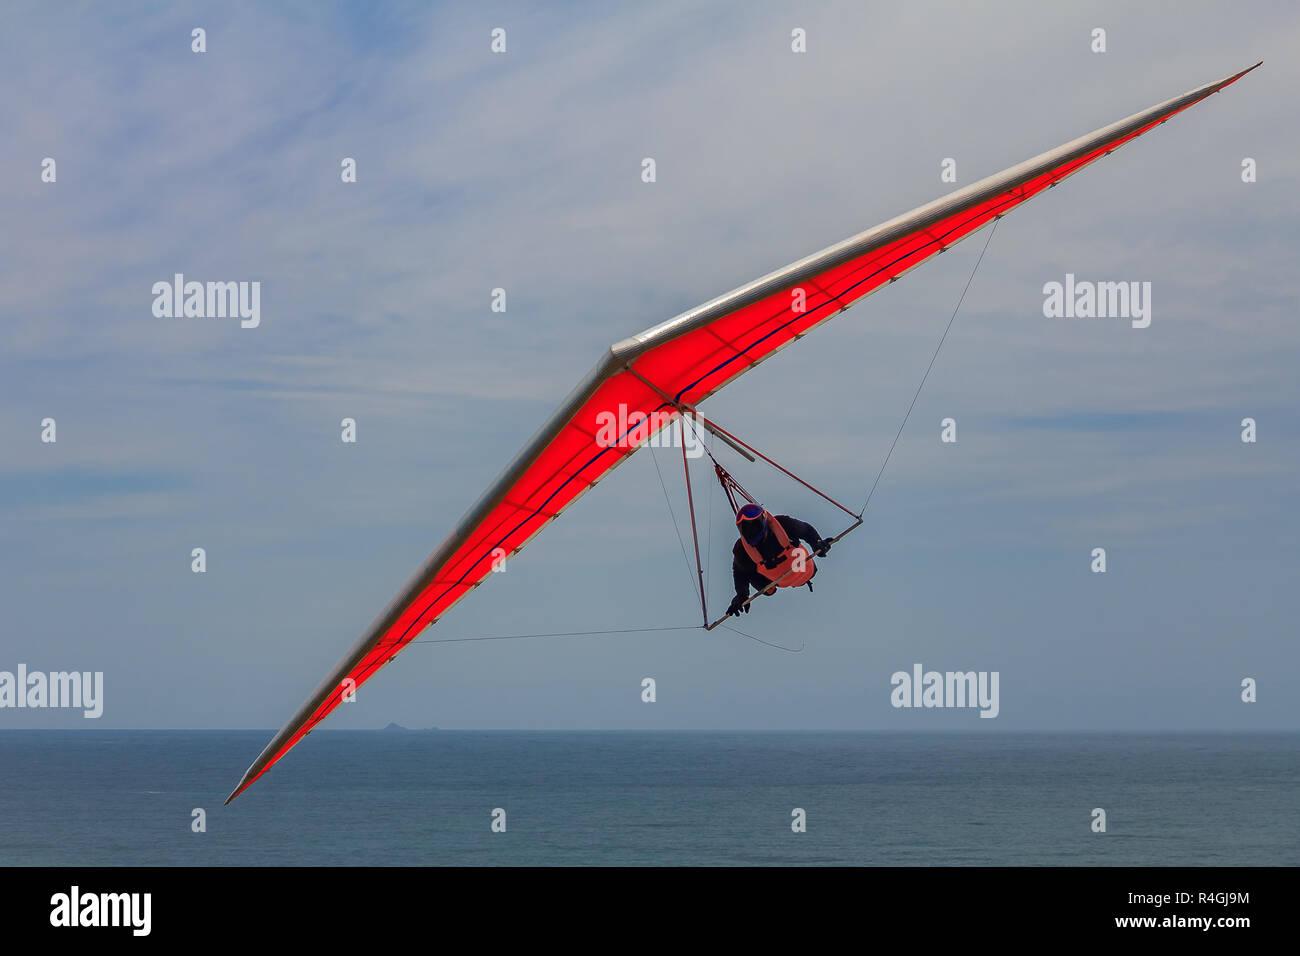 Hang Gliding California Stock Photos & Hang Gliding